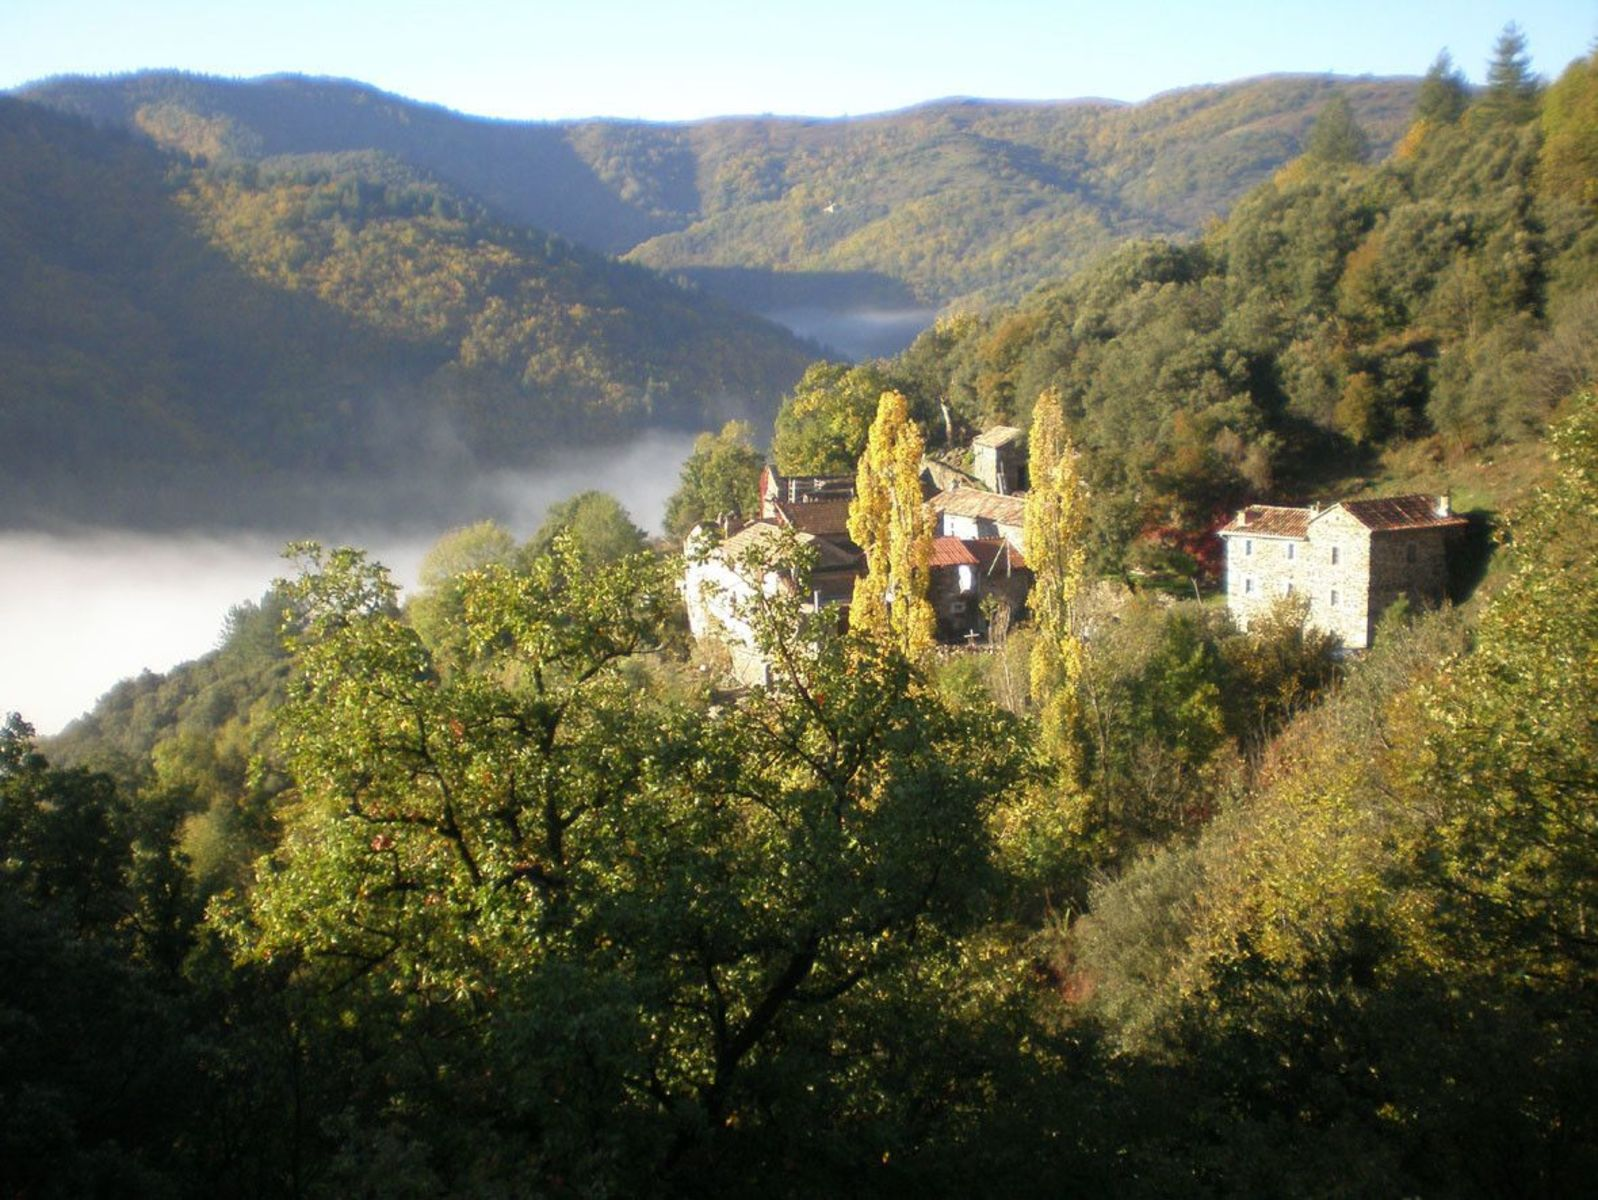 Cevenolse Mas gîte Donzel - vakantie voor natuurliefhebbers